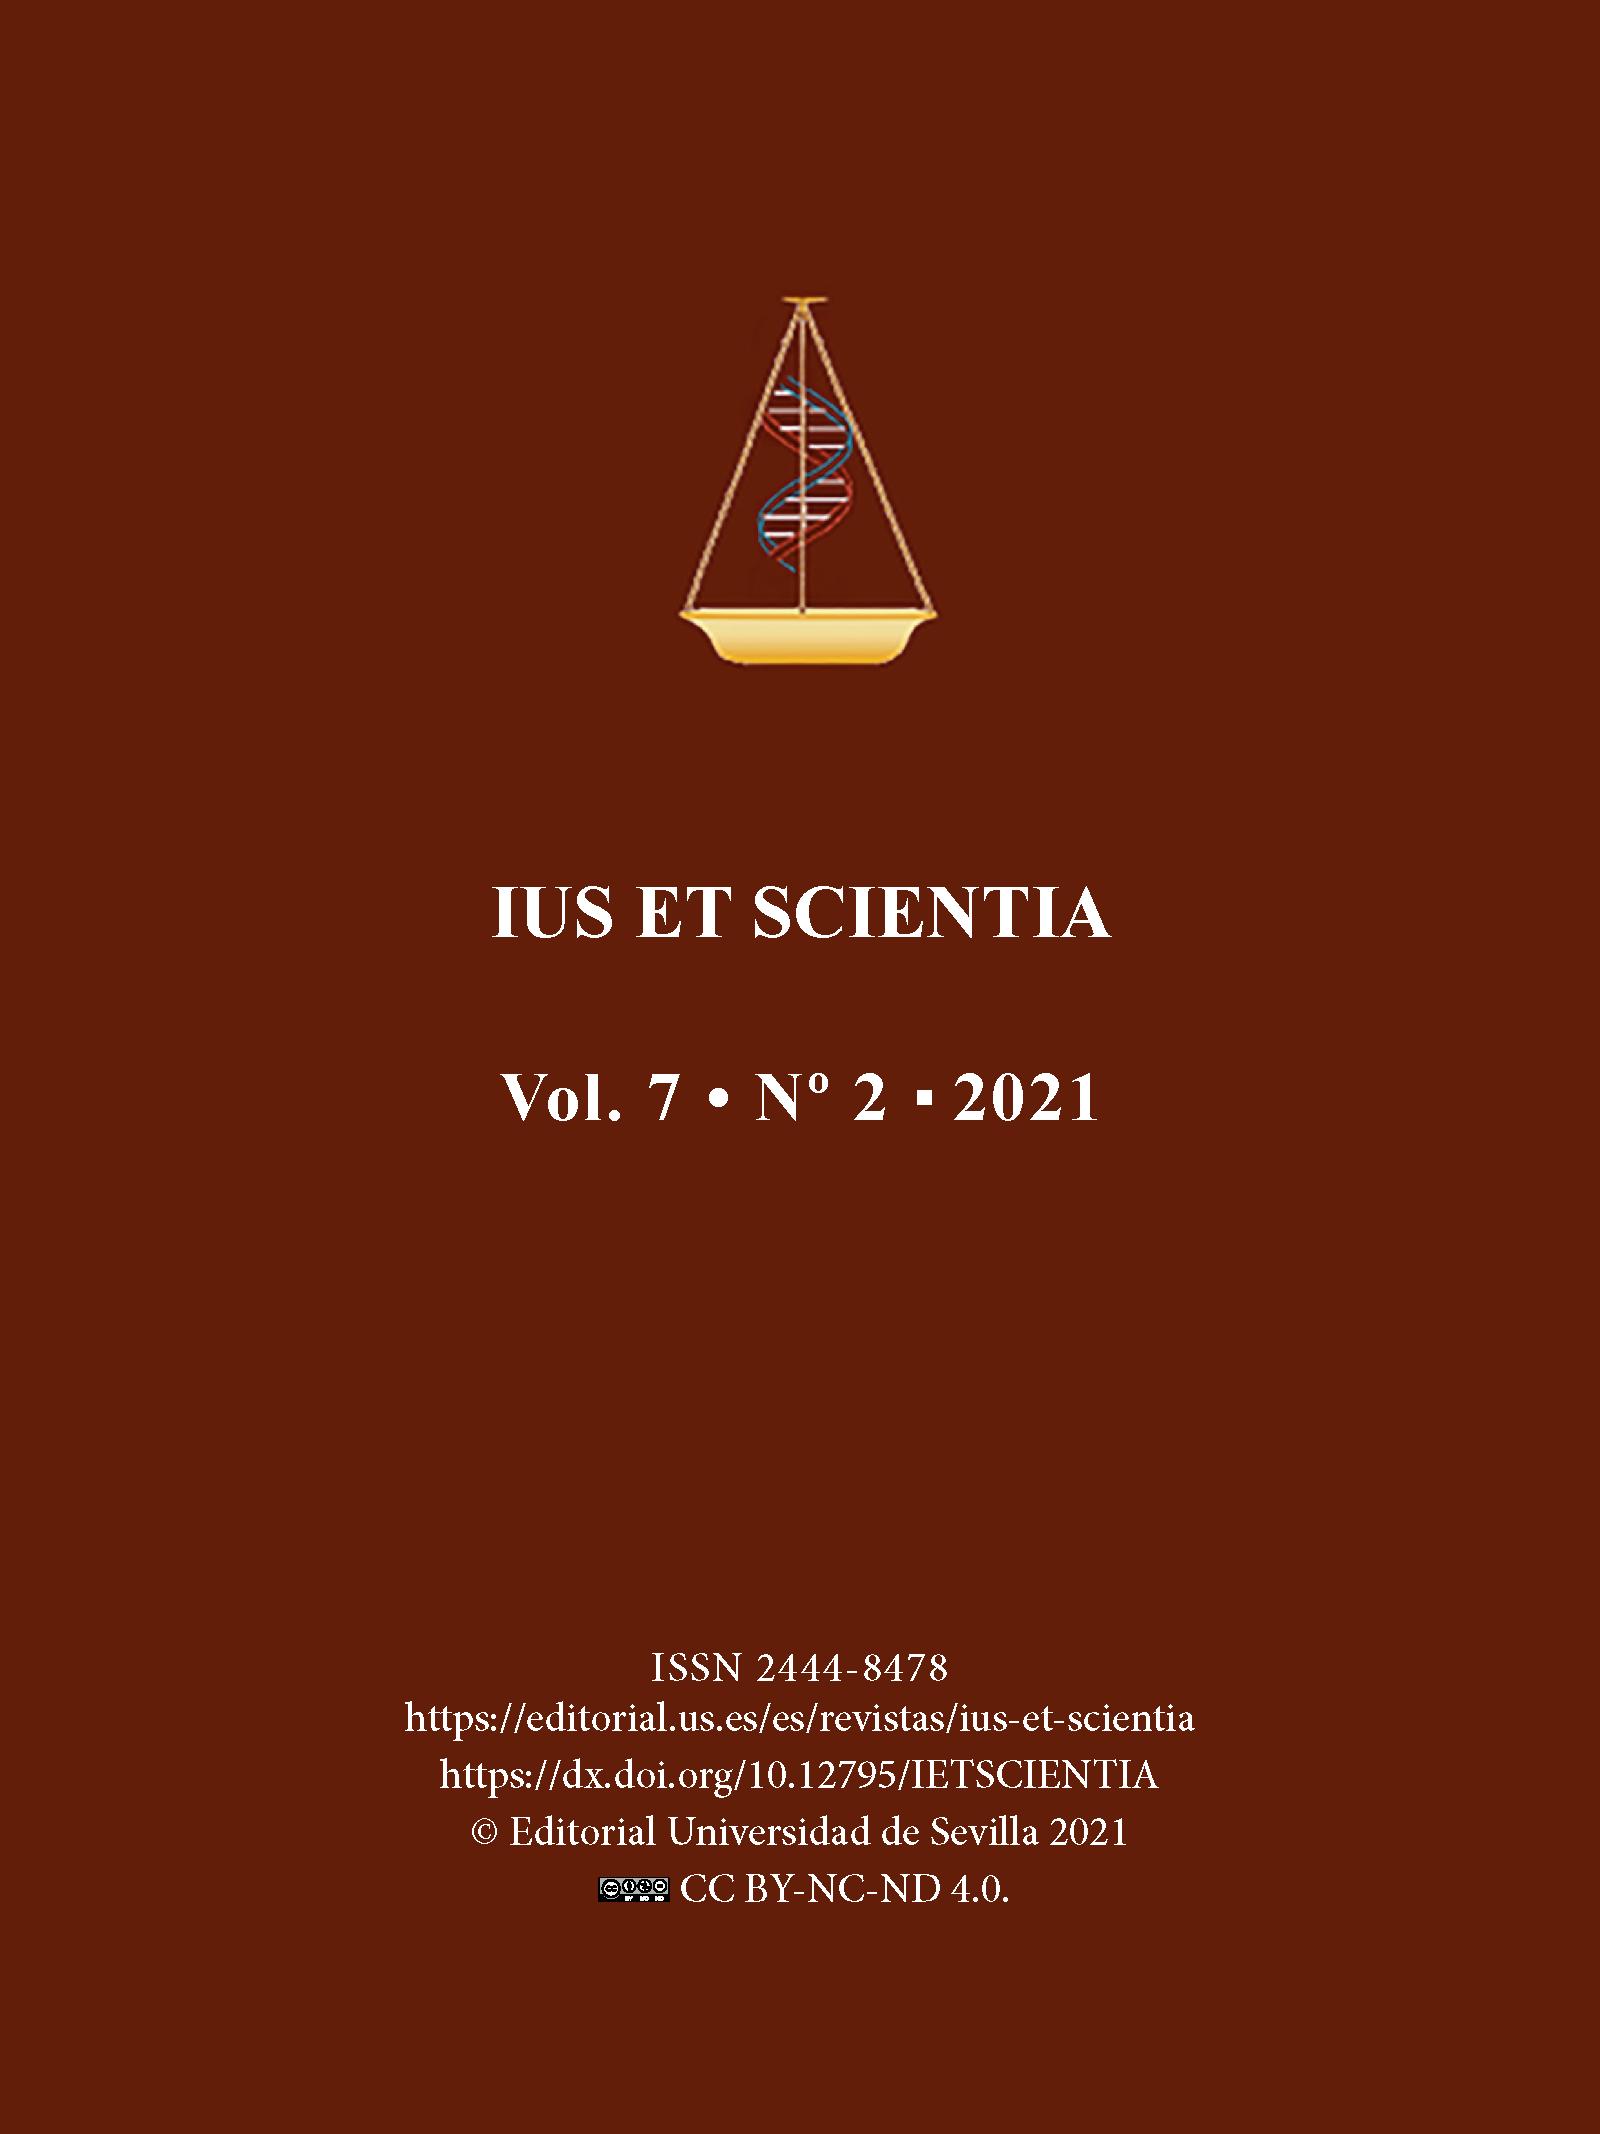 Ver Vol. 7 Núm. 1 (2021): El jurista en la era digital: inteligencia artificial, robótica, tecnologías anexas y bioderecho